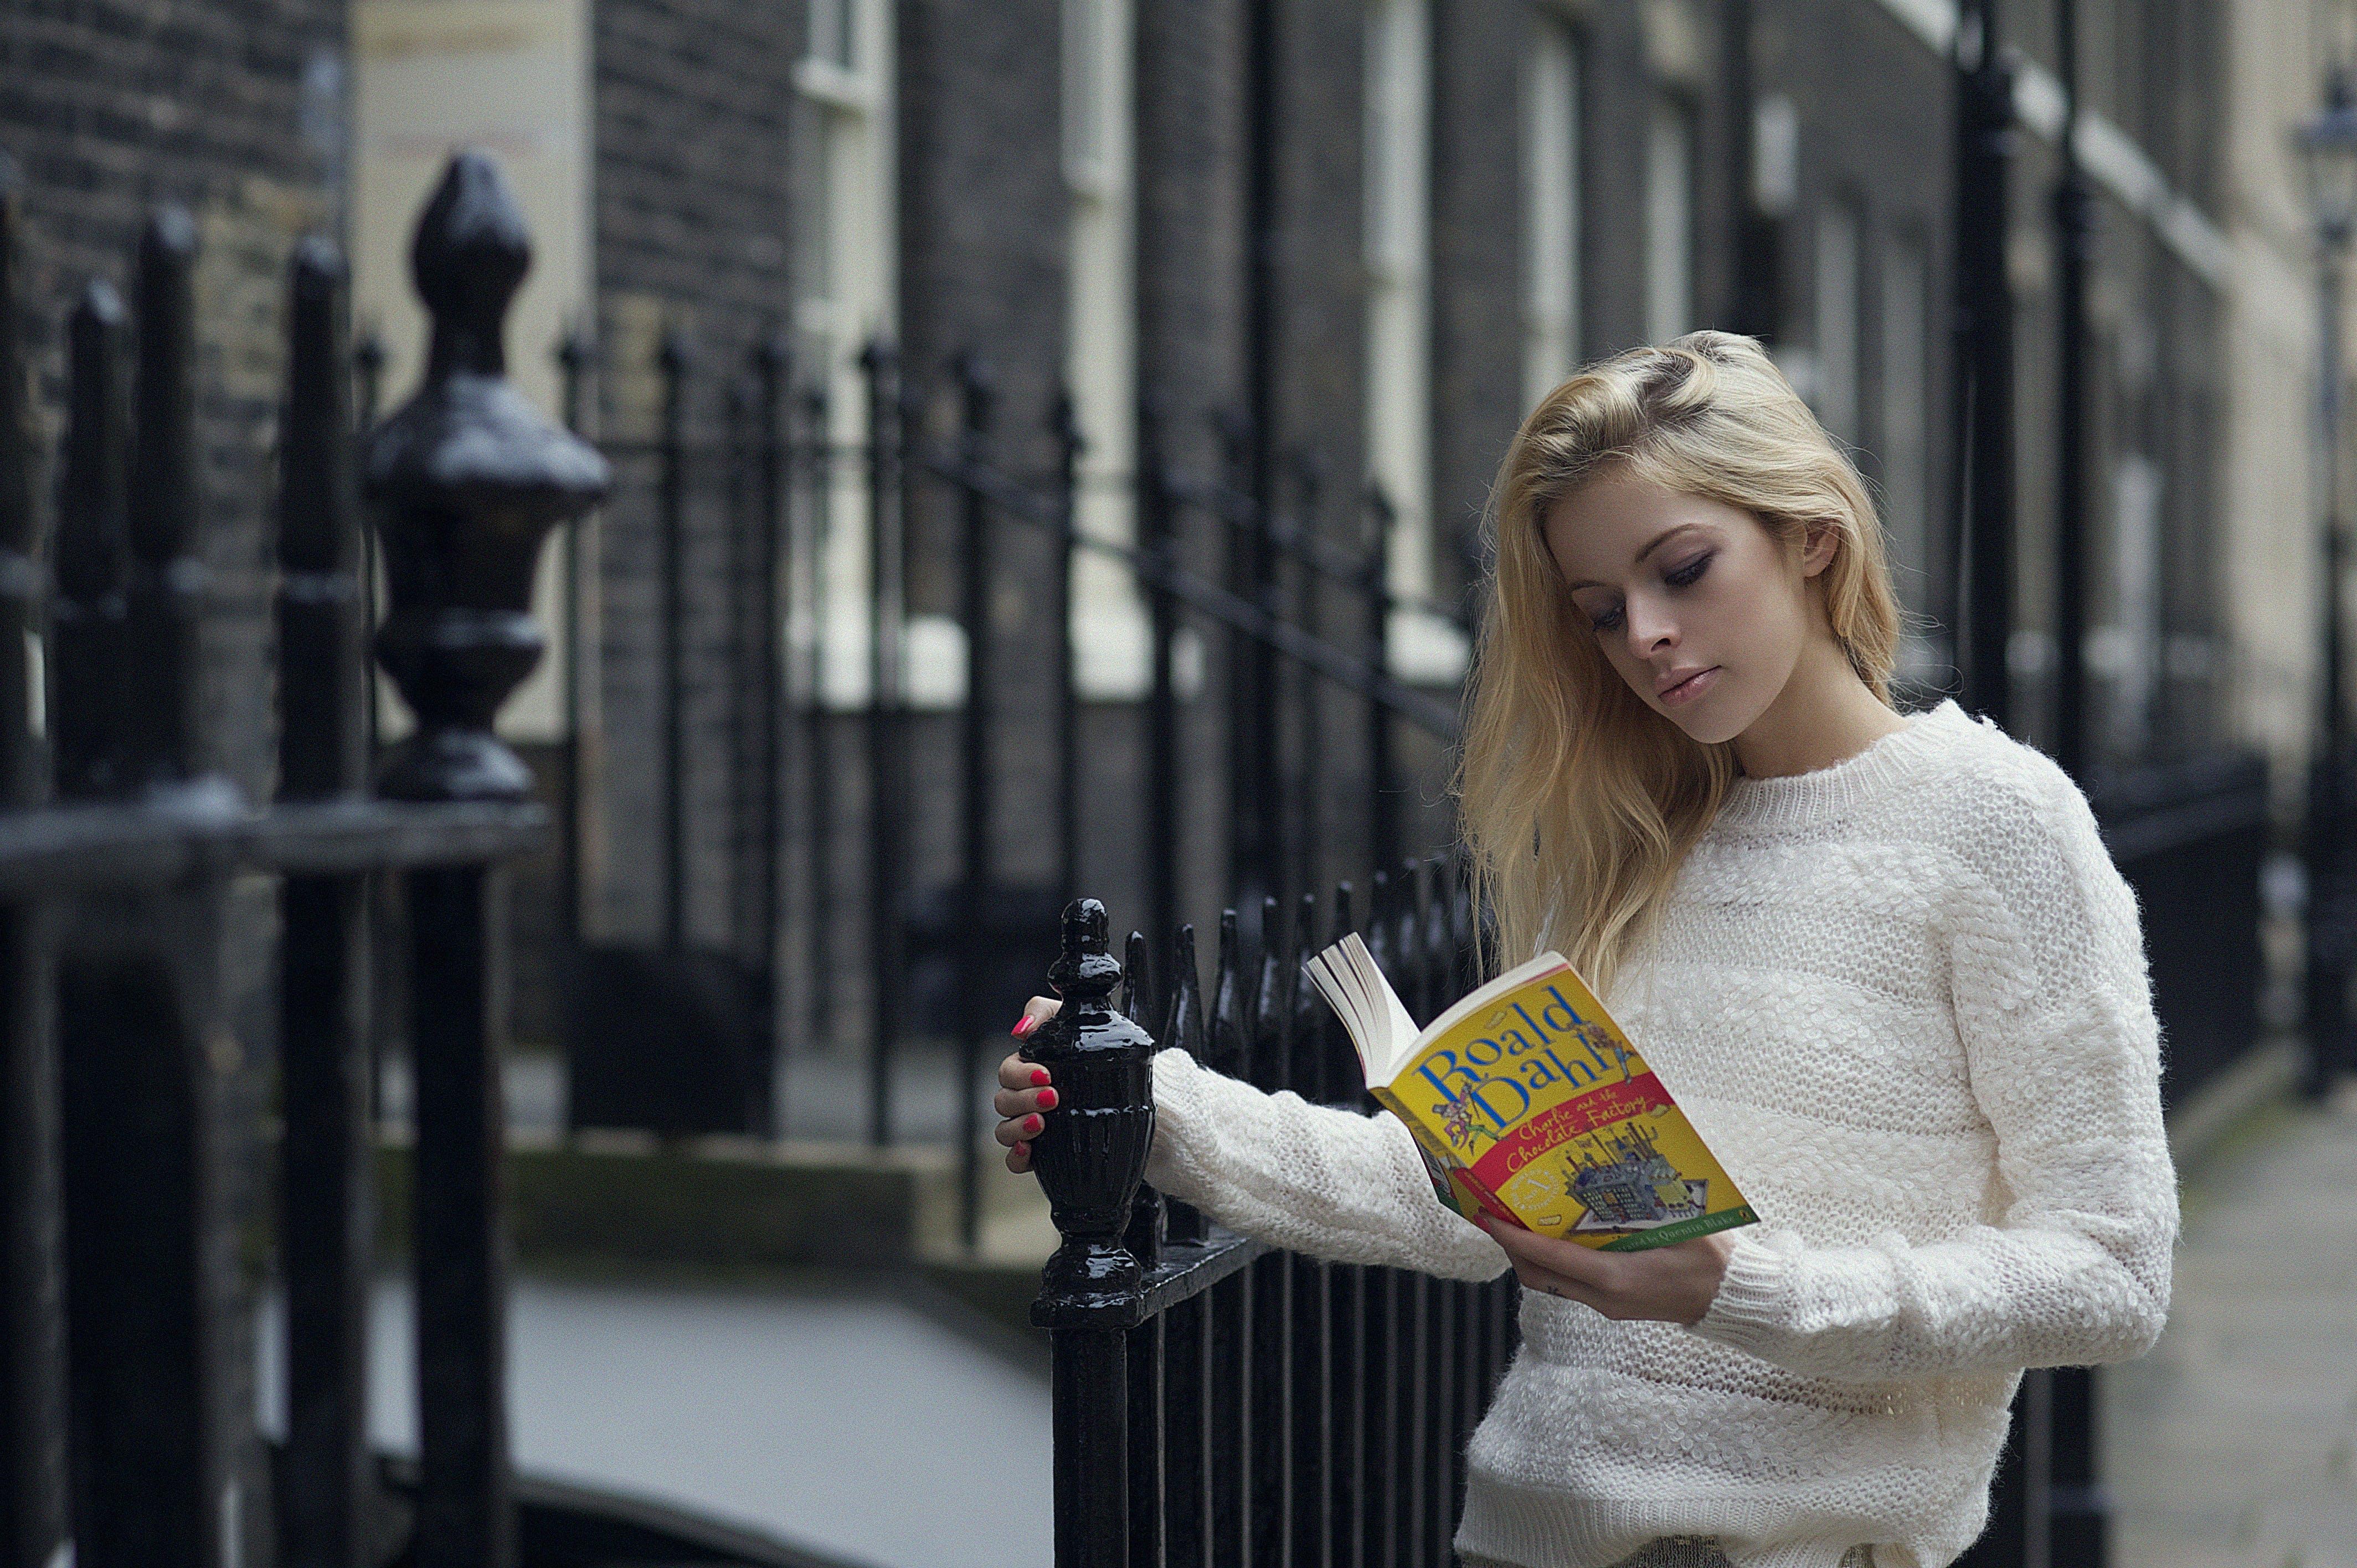 Woman Reading Boald Dahla Book